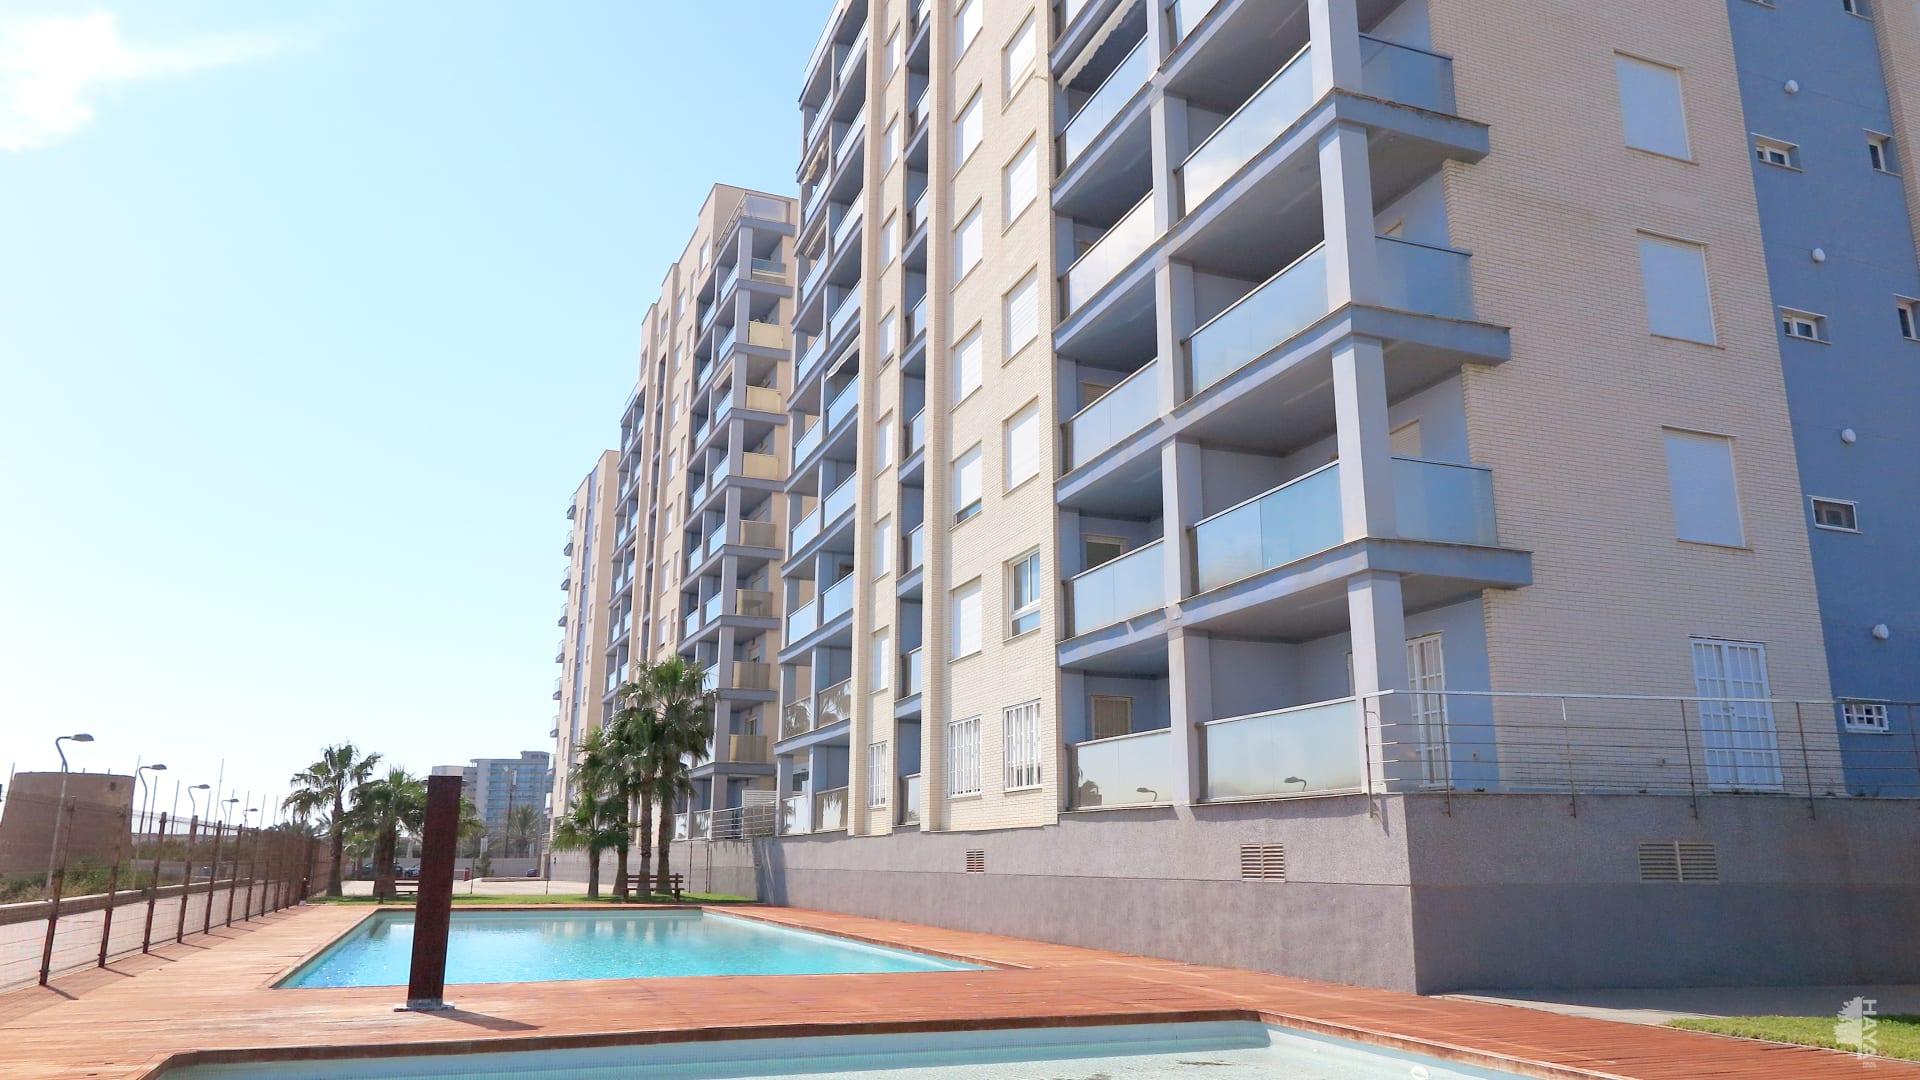 Piso en venta en San Javier, Murcia, Calle Prolongación Pol F. Conj Resid. Veneziola Golf Ii, 117.000 €, 2 habitaciones, 2 baños, 60 m2